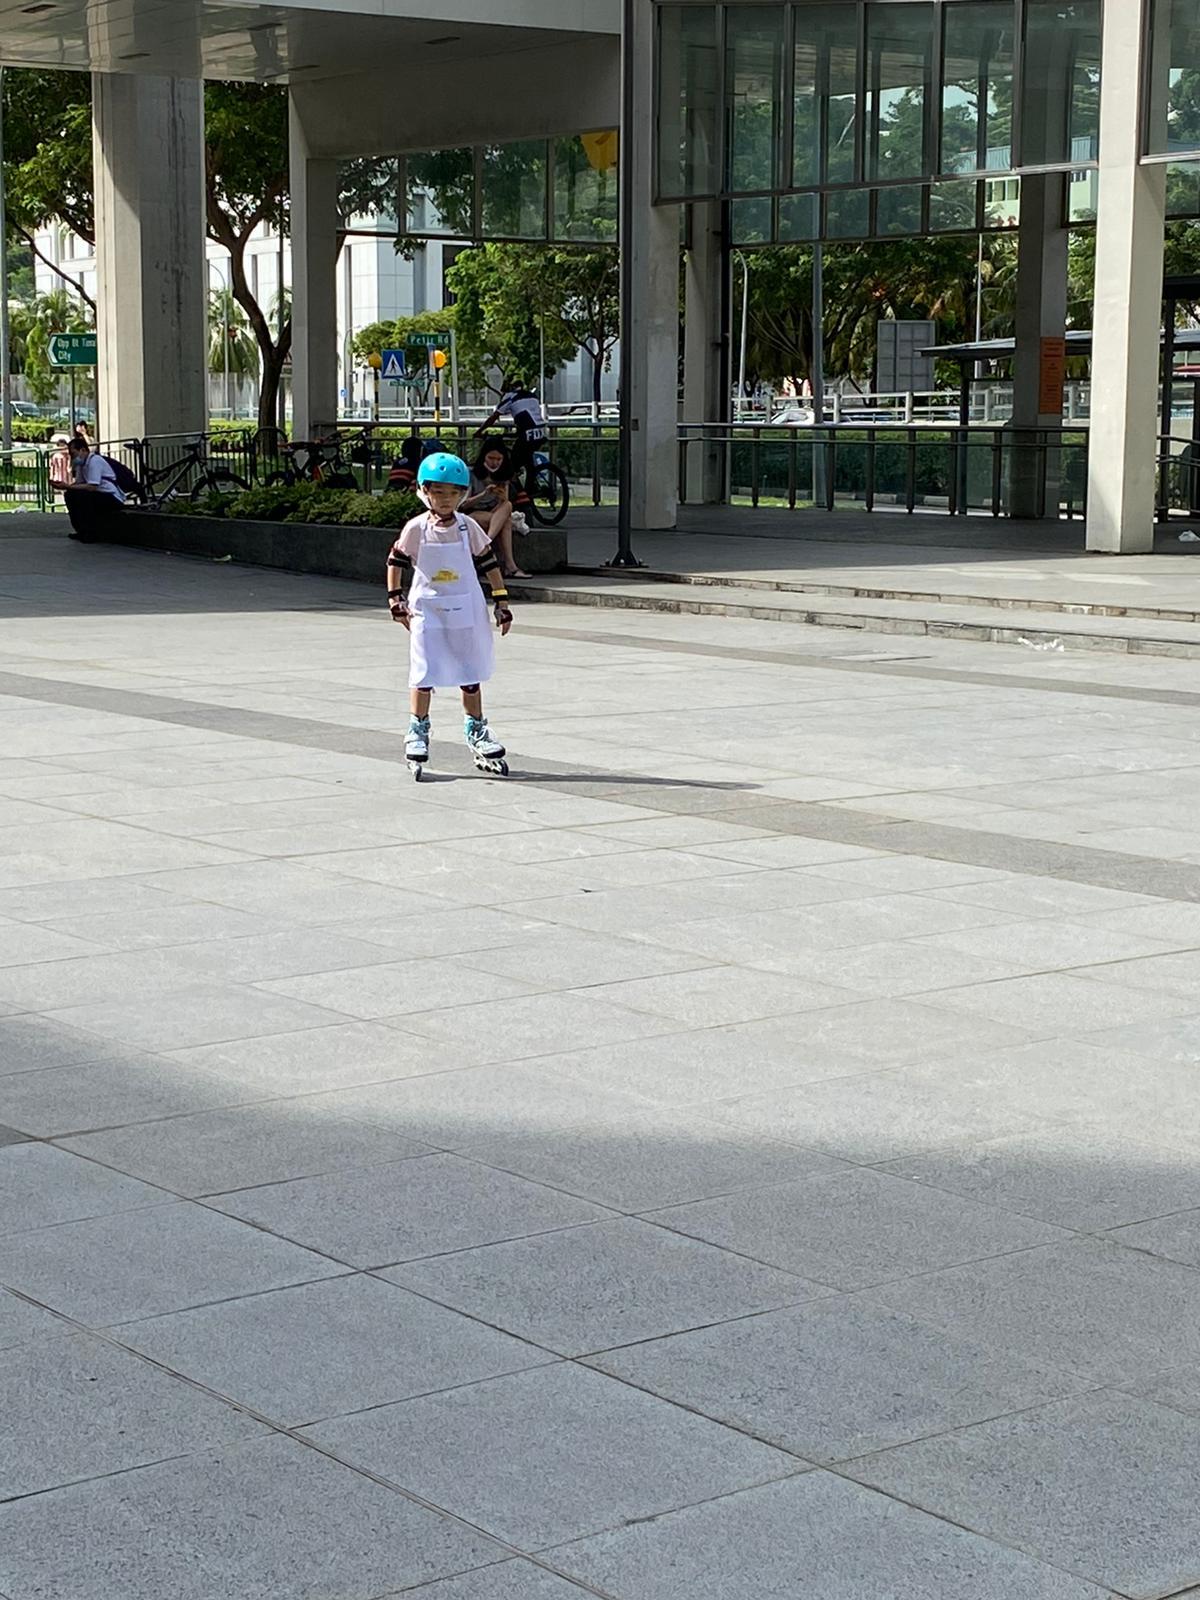 Apron roller skating